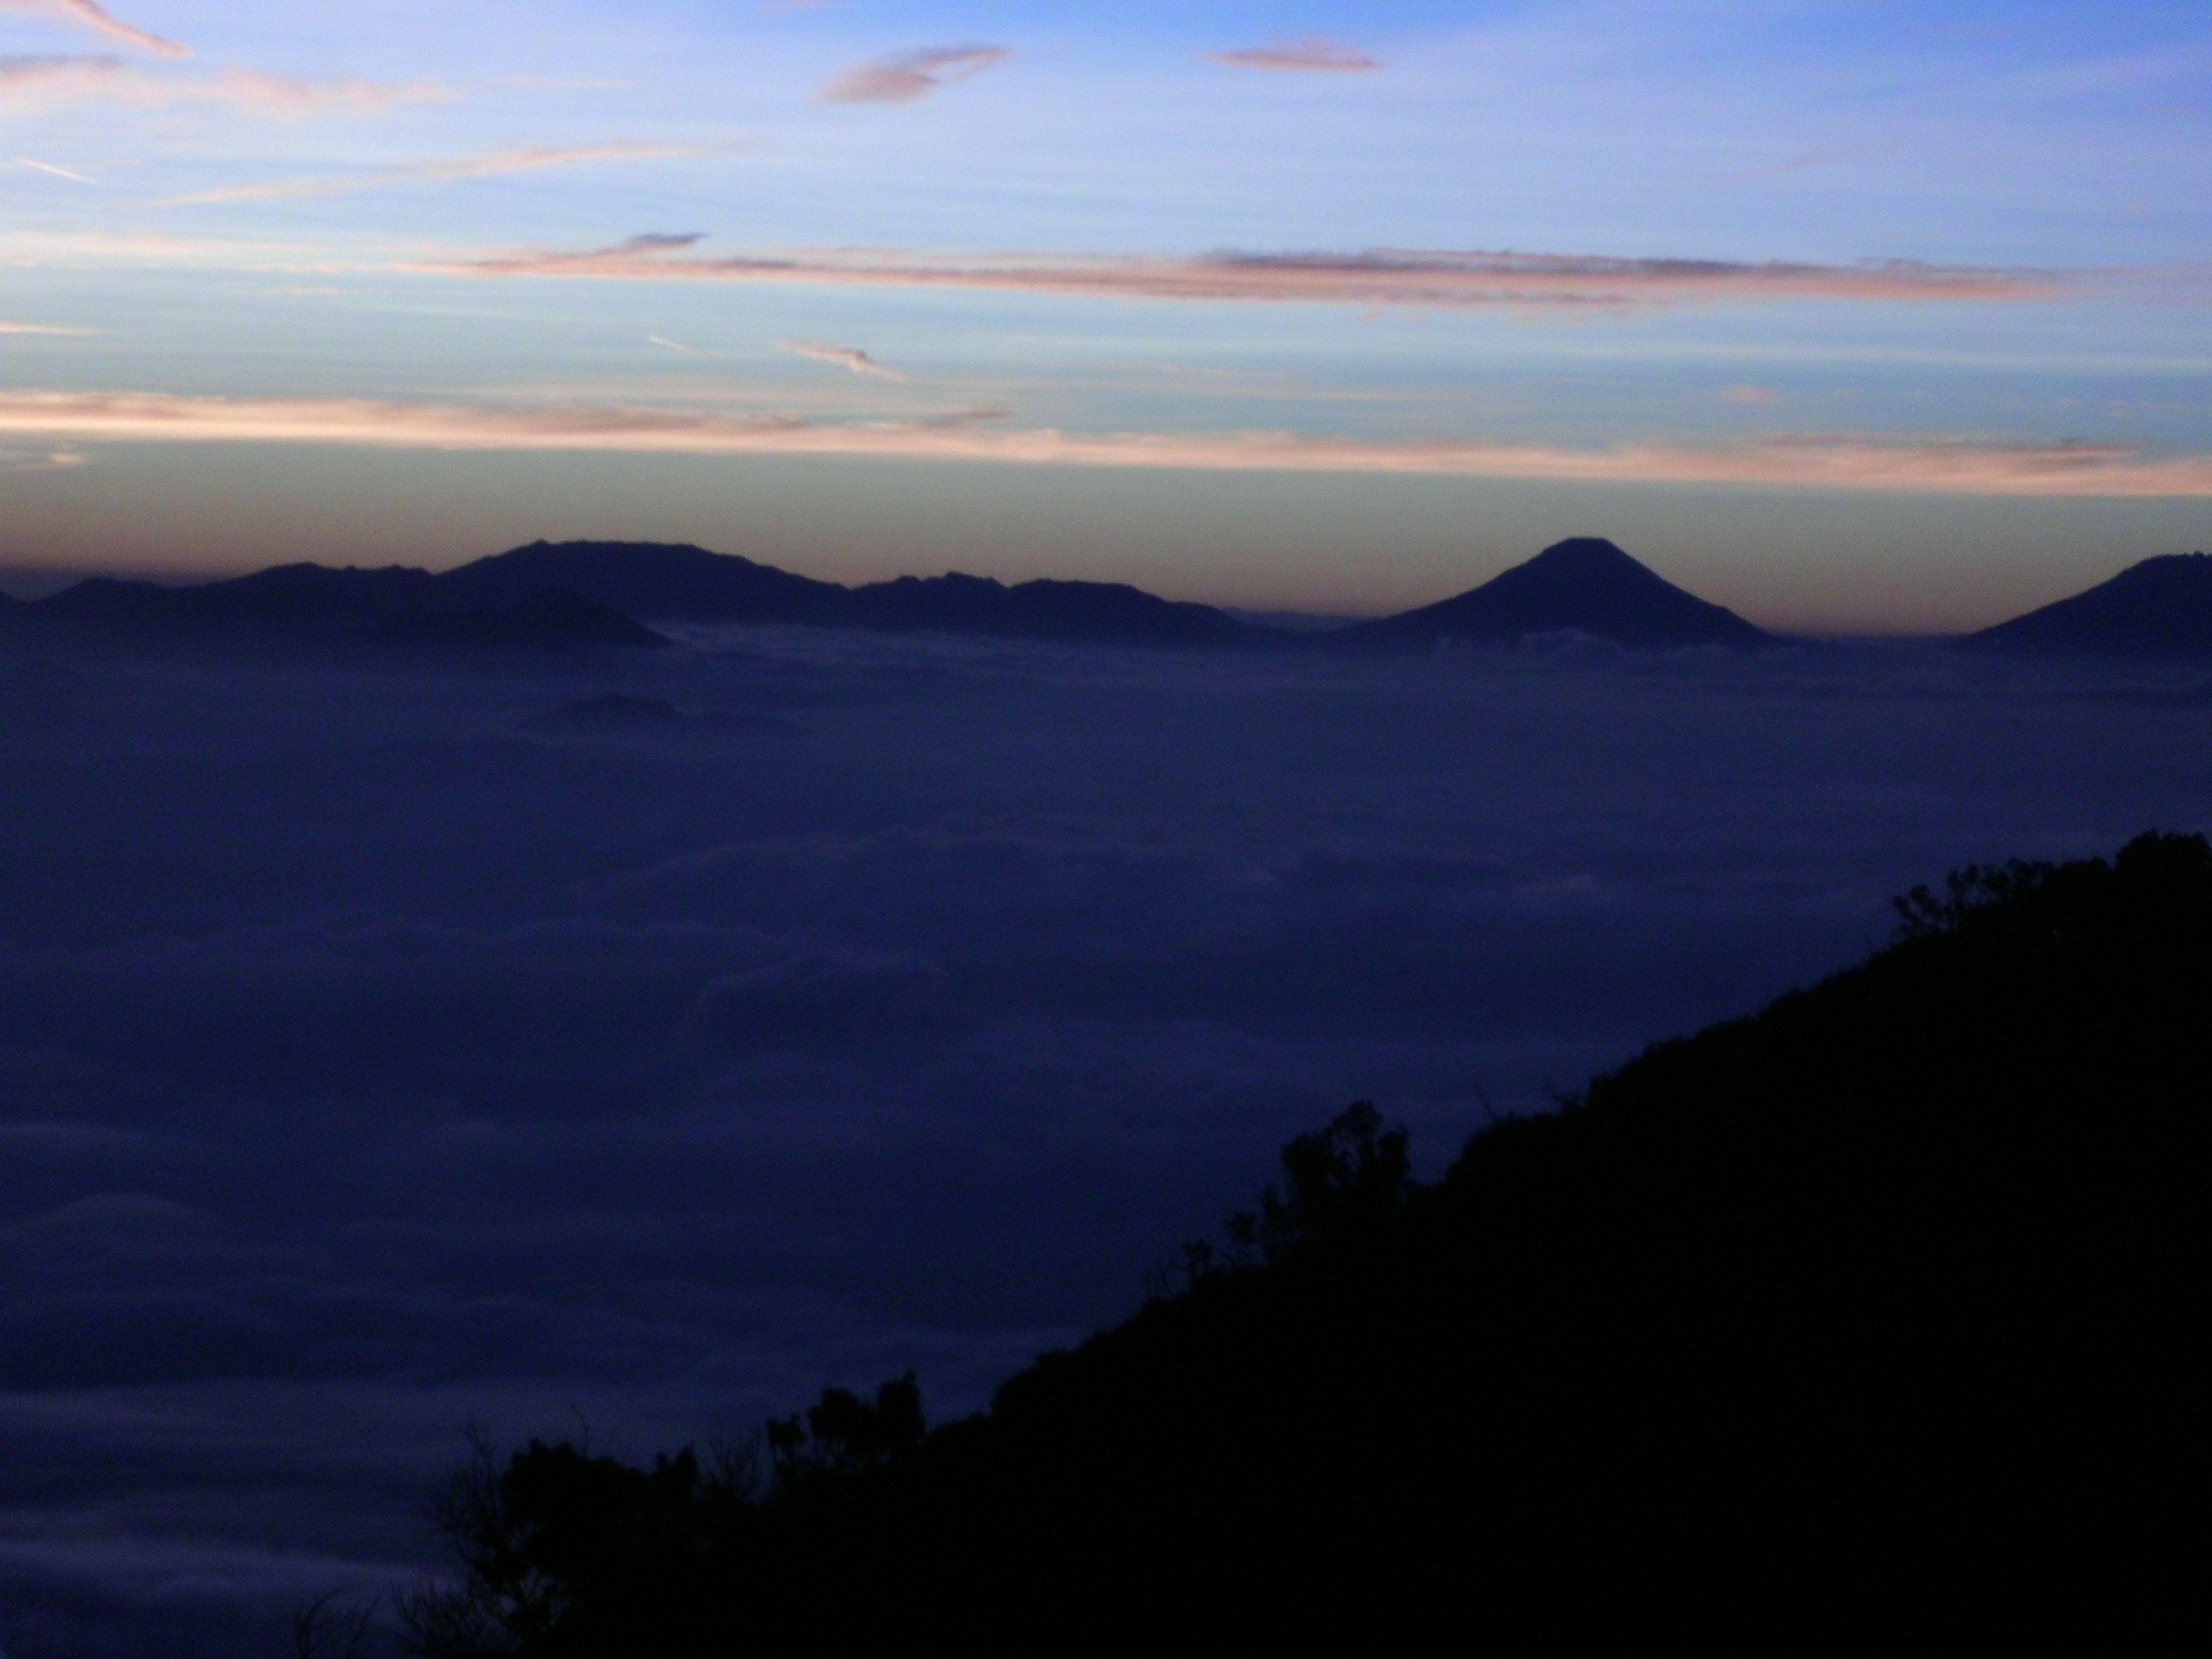 subuh menjelang pagi di gunung slamet pegunungan alam